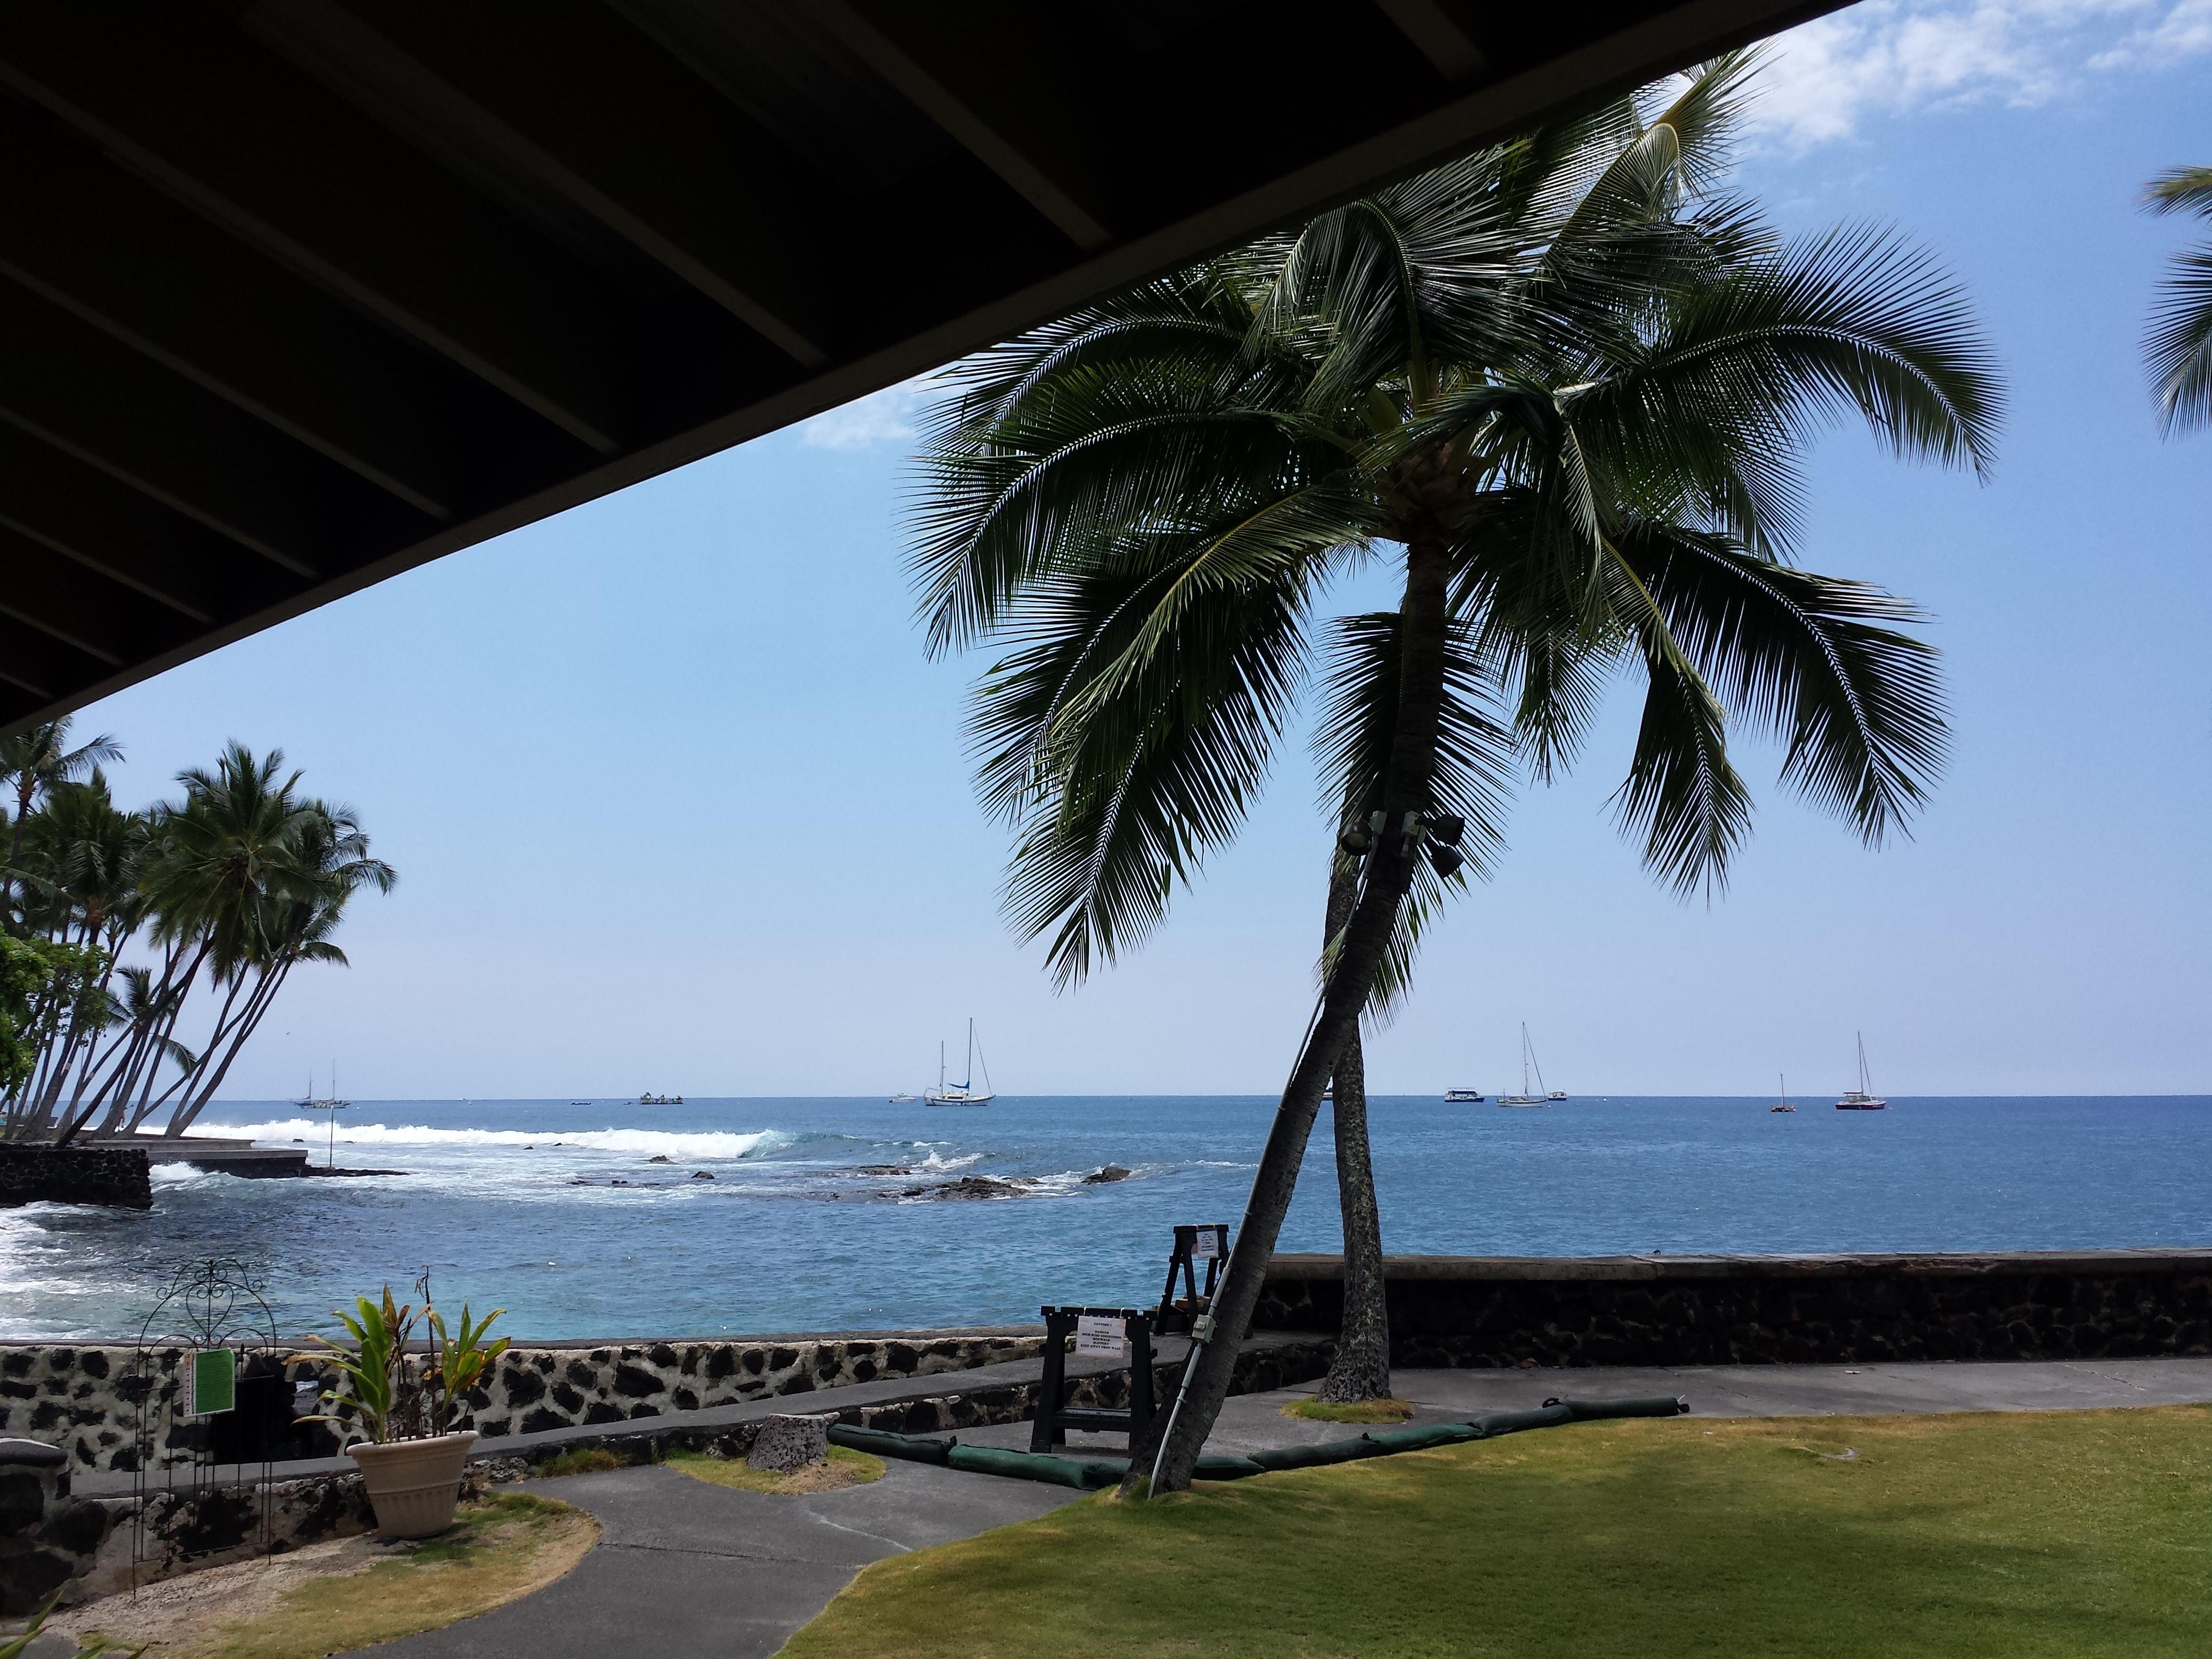 ハワイ旅行で持って行ってよかった物